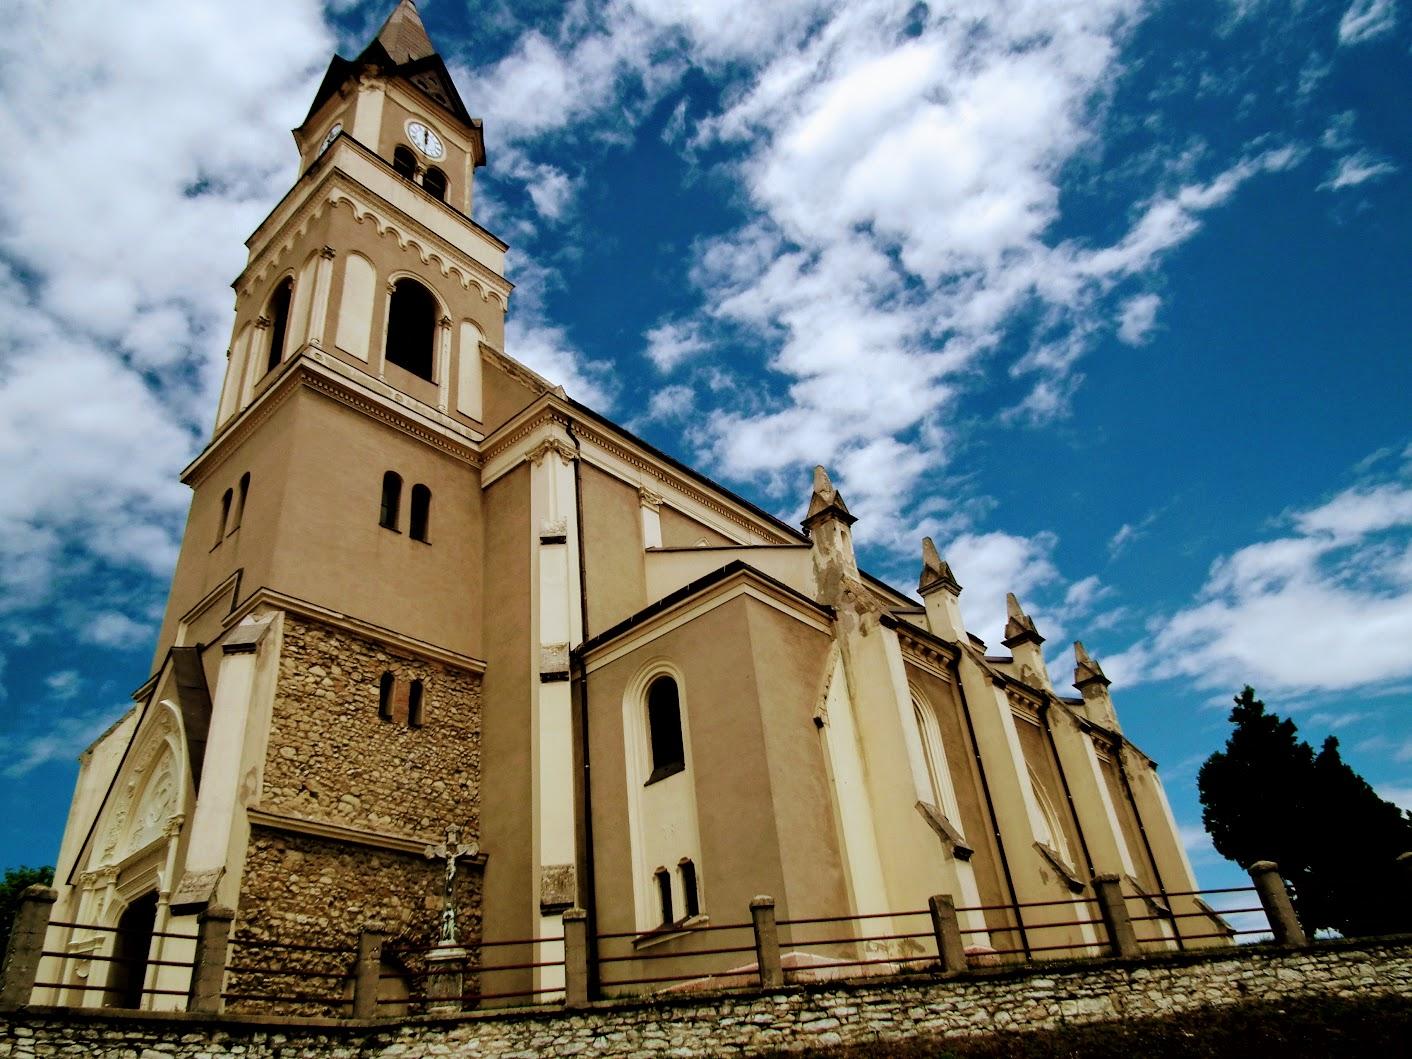 Mór - Szent Kereszt rk. templom